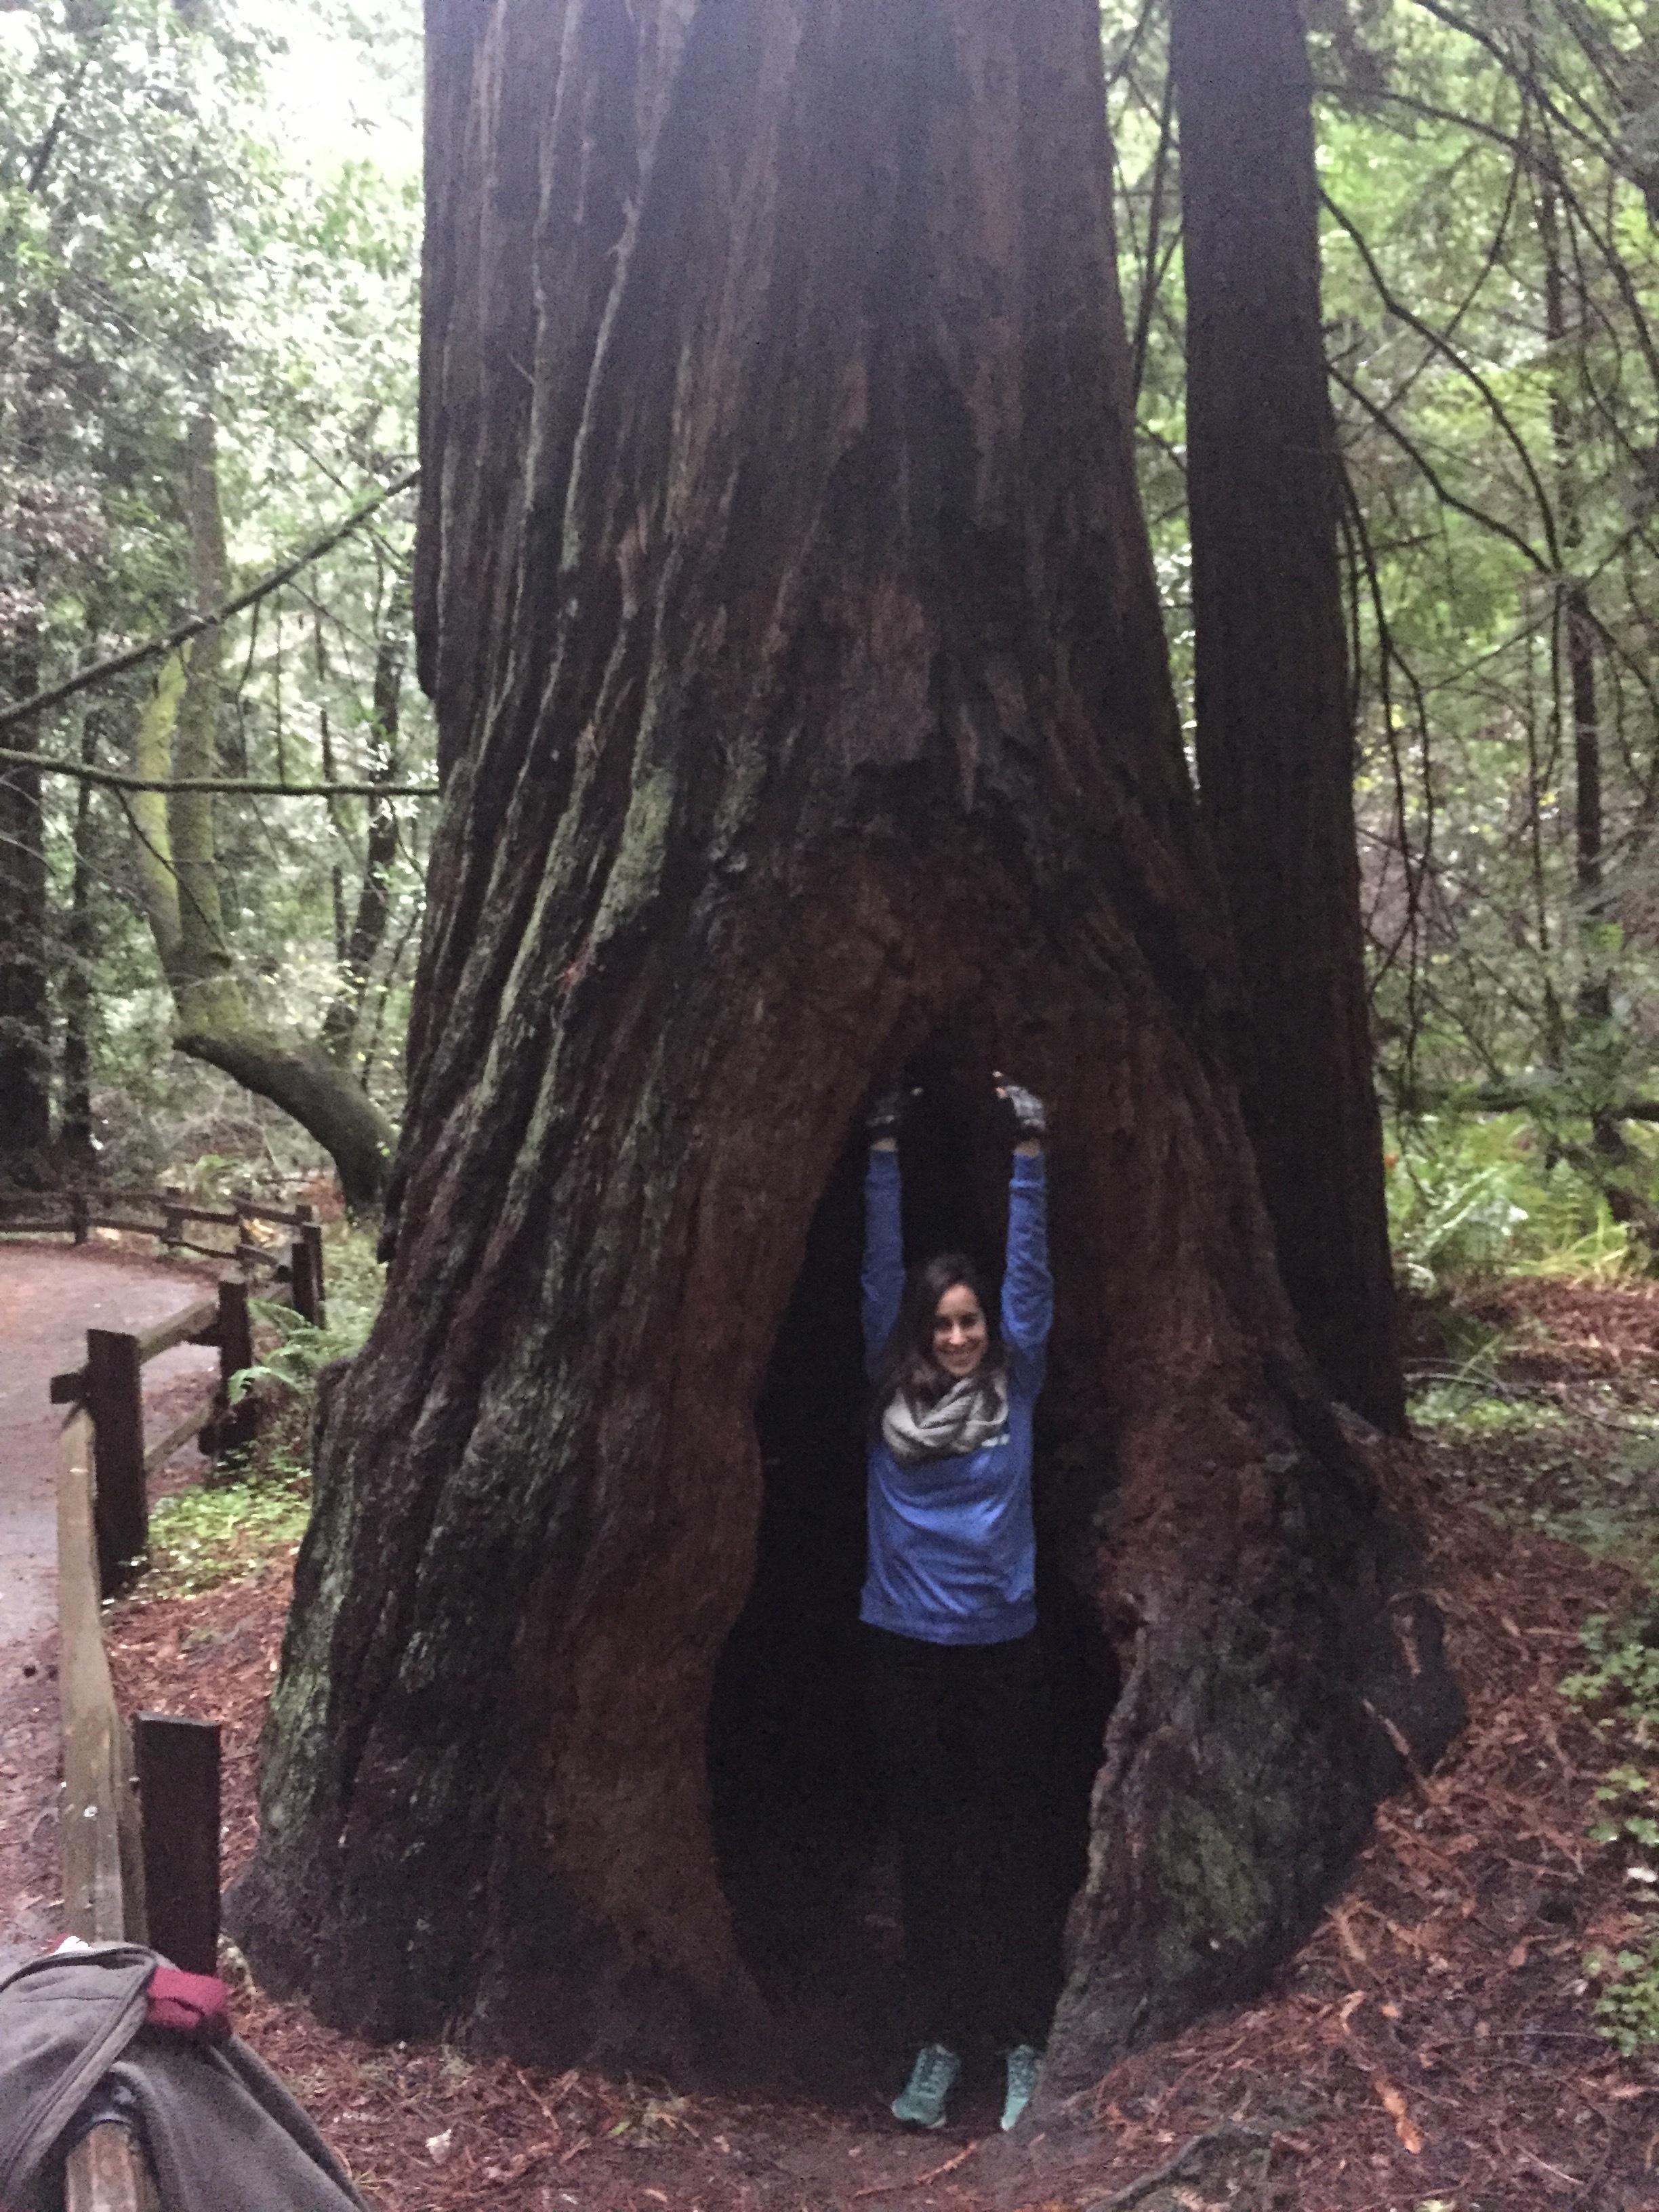 Luli inside a Redwood.